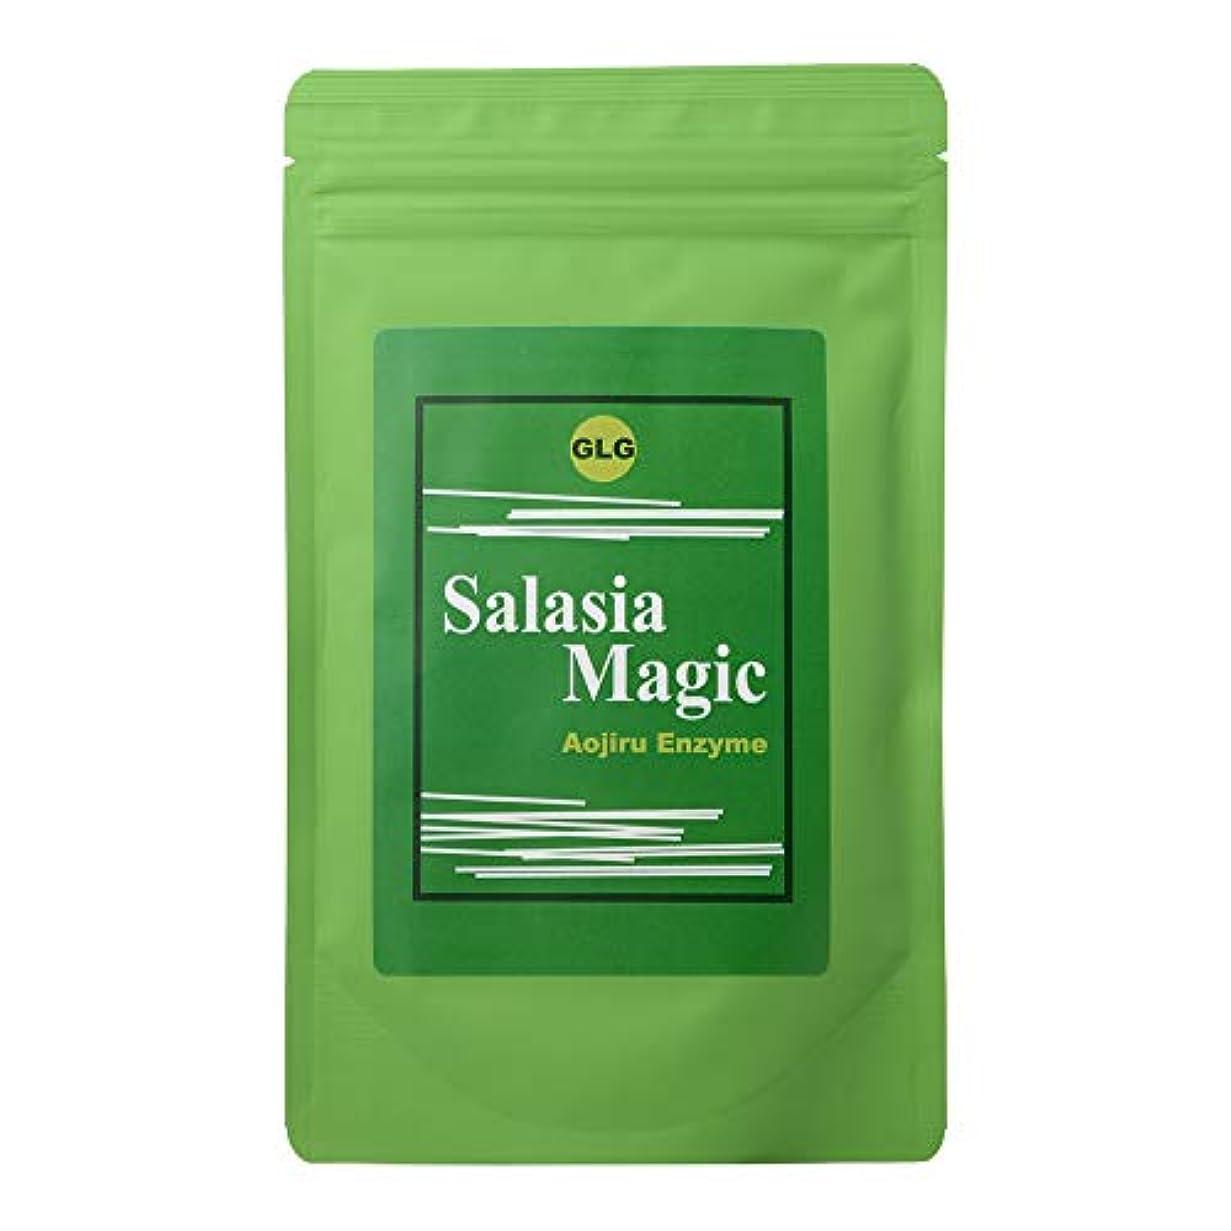 サラシアマジック 青汁酵素 (ダイエットドリンク) お茶 健康飲料 粉末 [内容量150g/ 説明書付き]